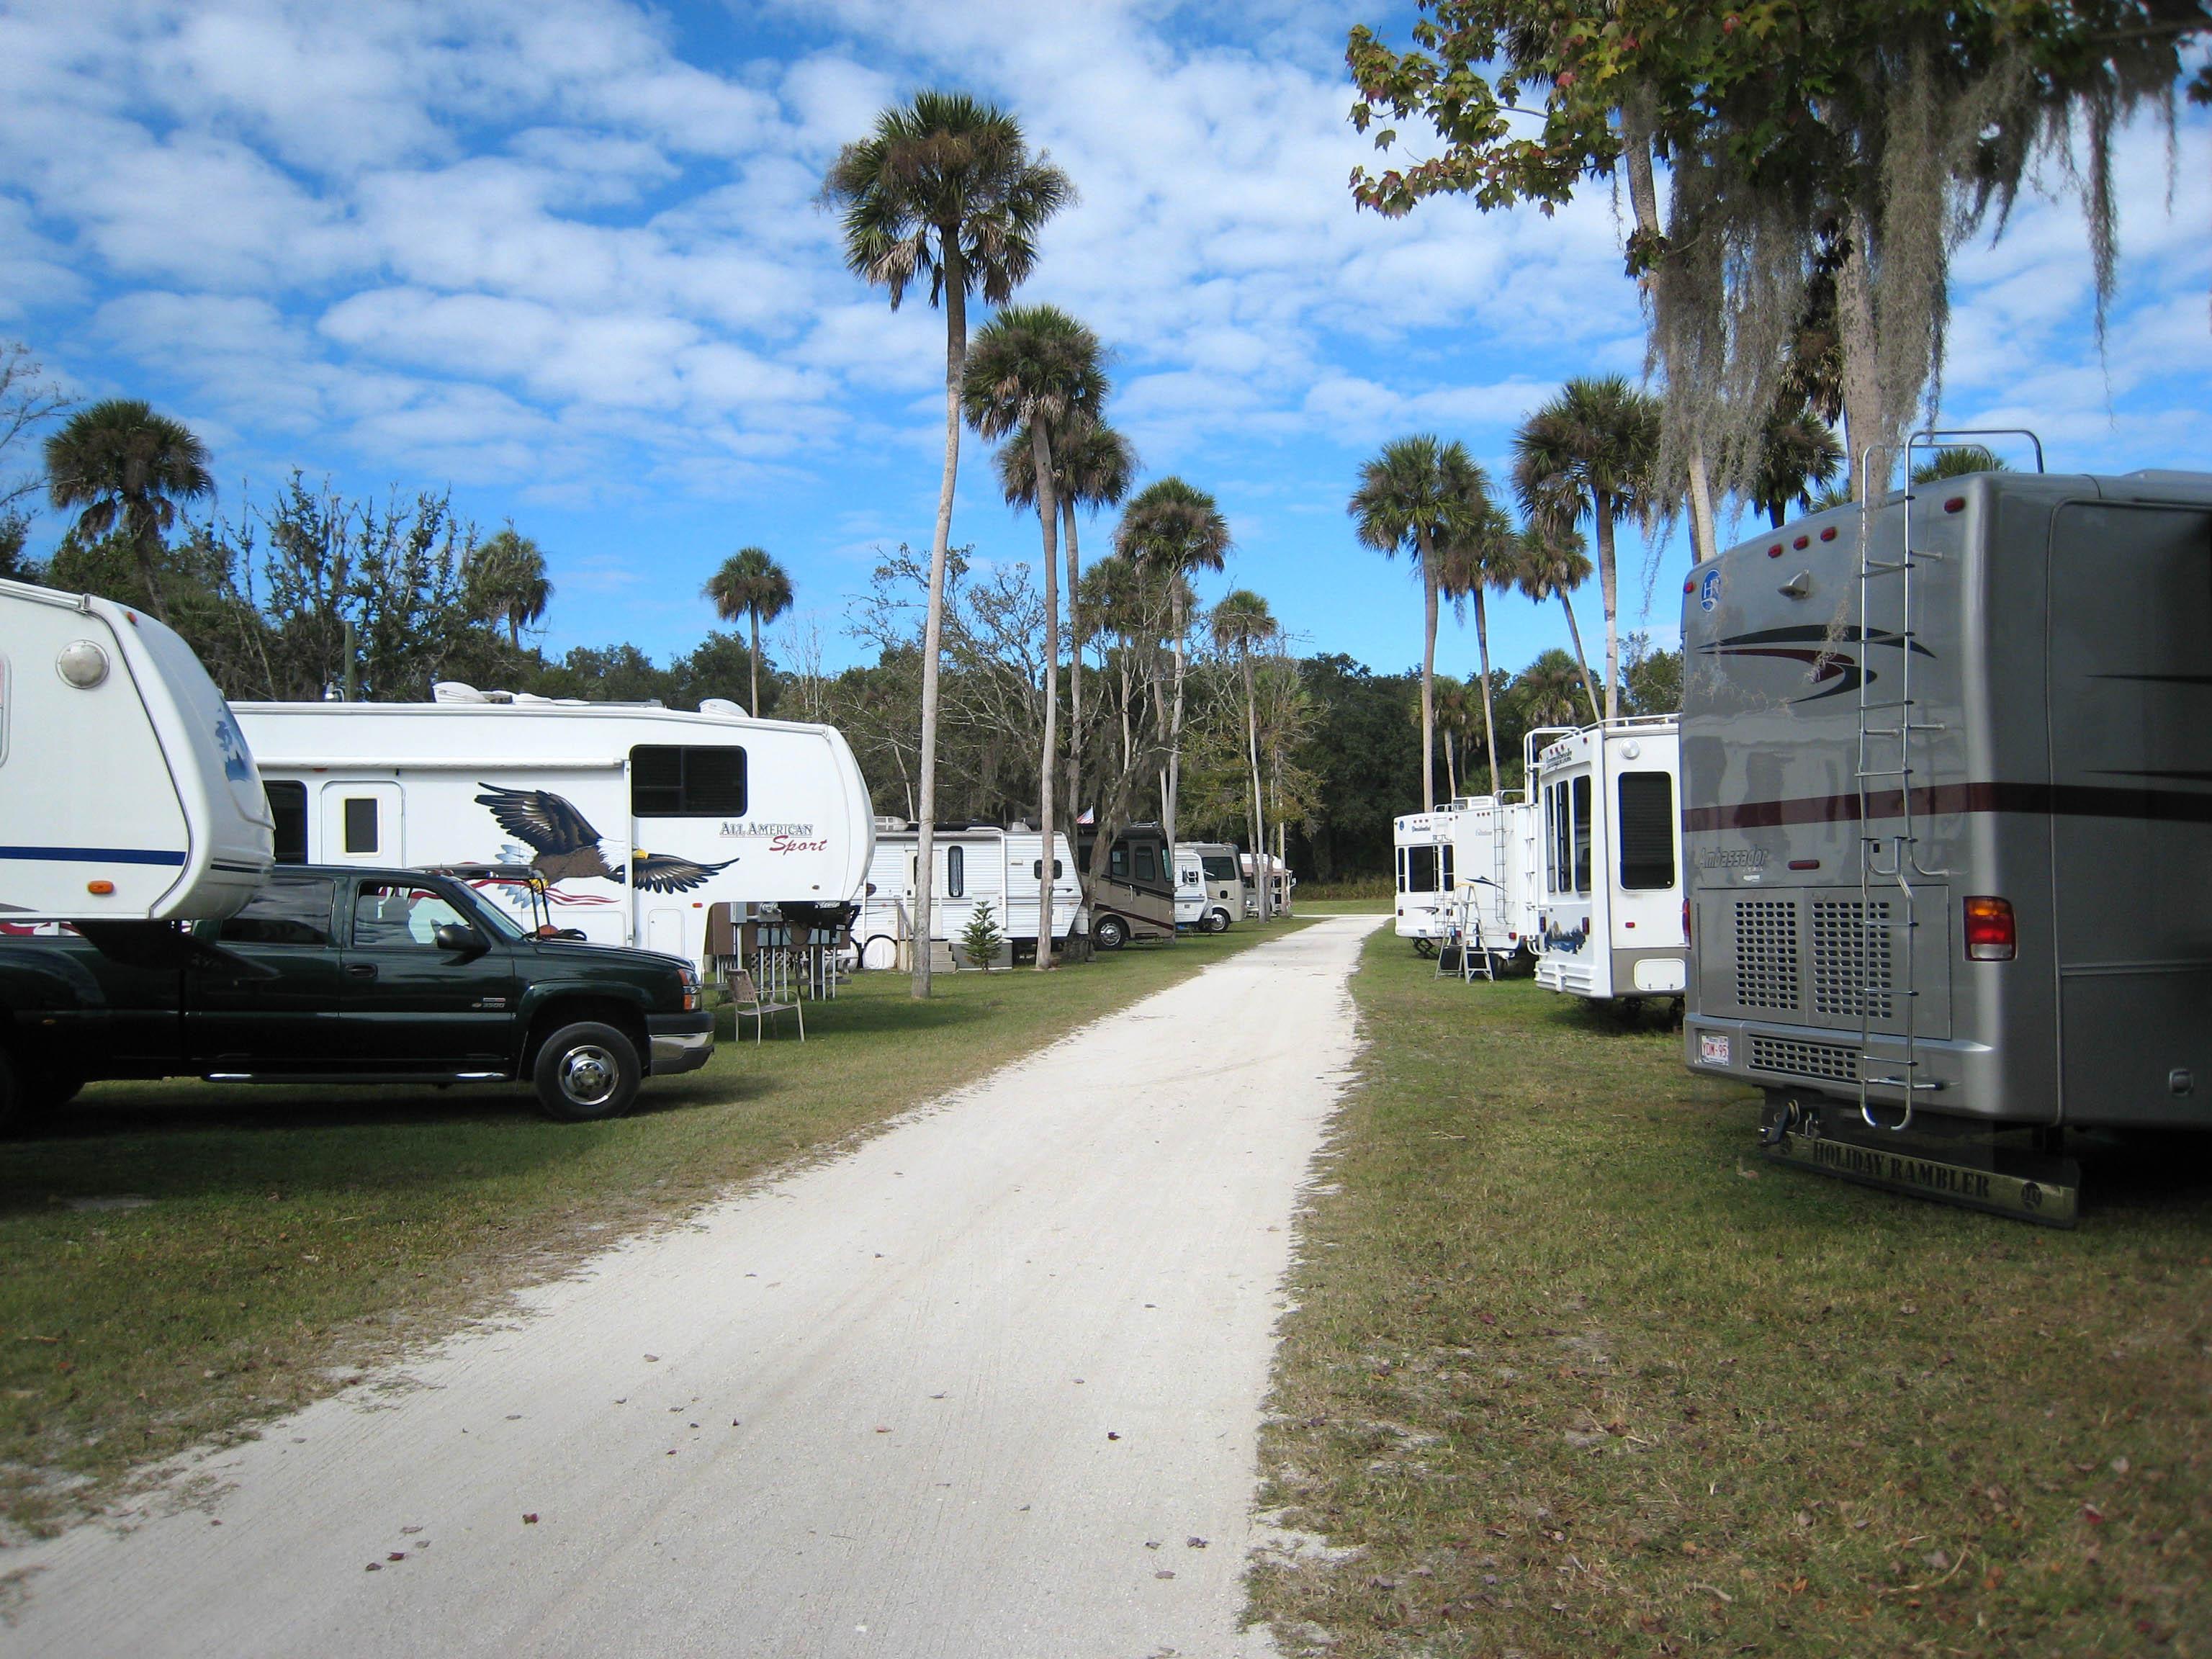 New Smyrna Speedway  Florida  New Smyrna Beach Fl